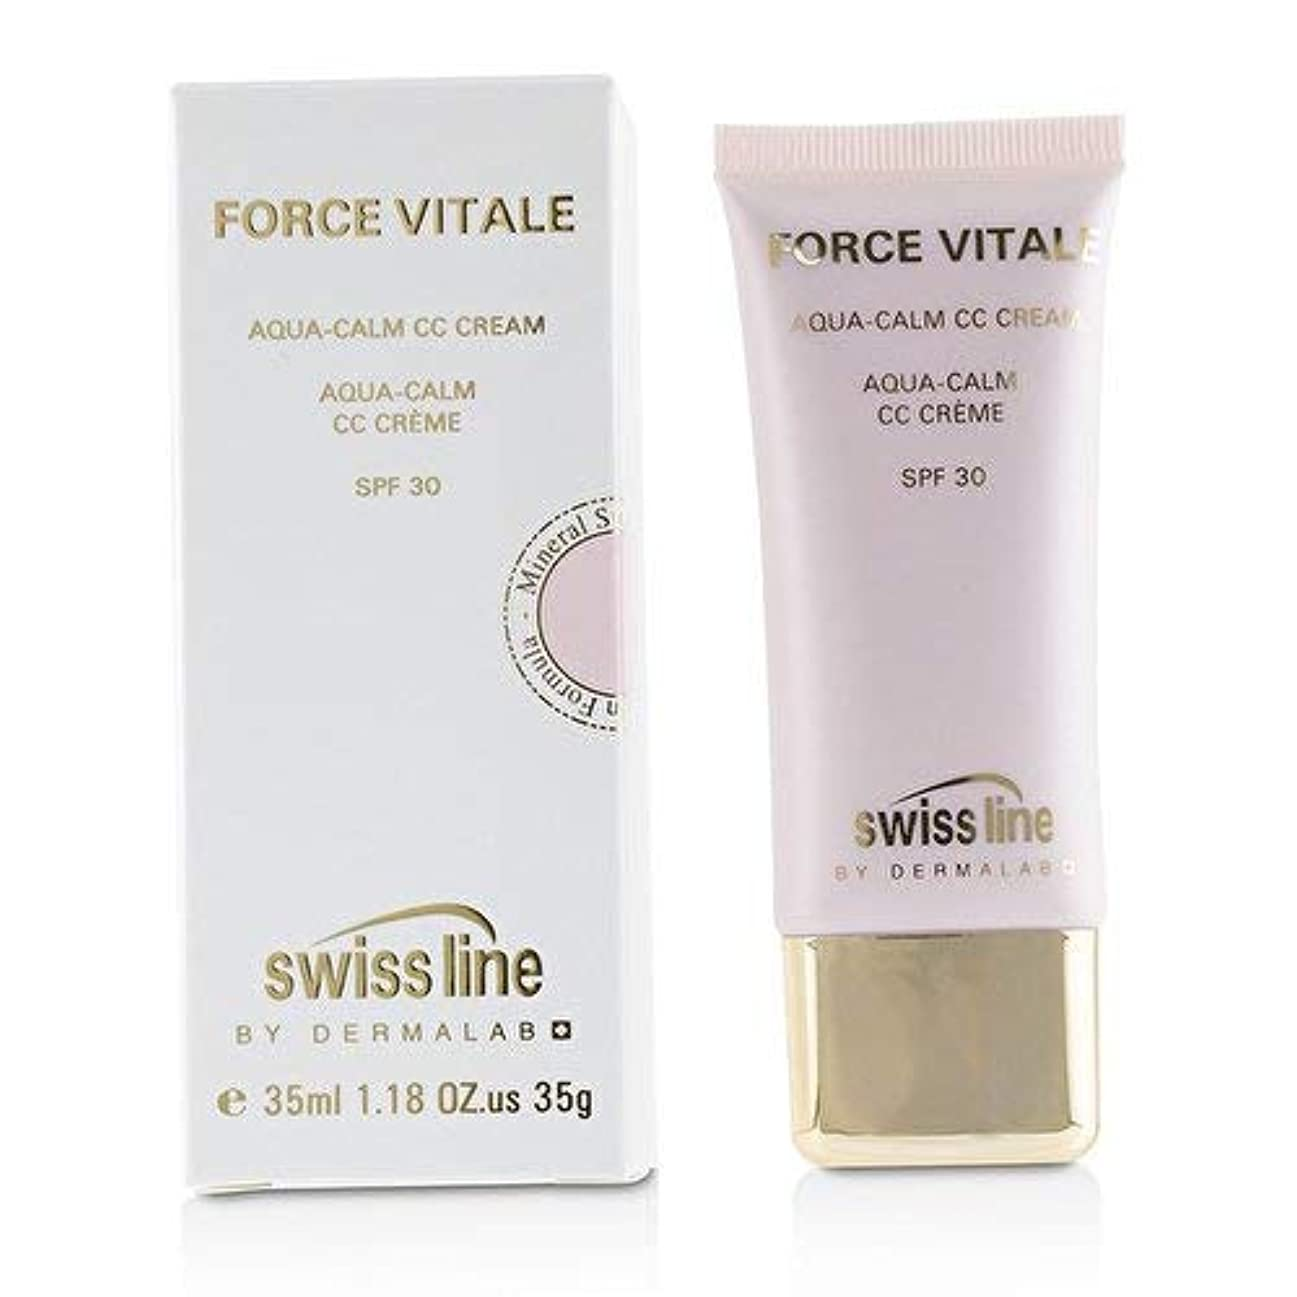 レポートを書くメーカー雨のスイスライン Force Vitale Aqua-Calm CC Cream SPF30 - Beige 20 -並行輸入品